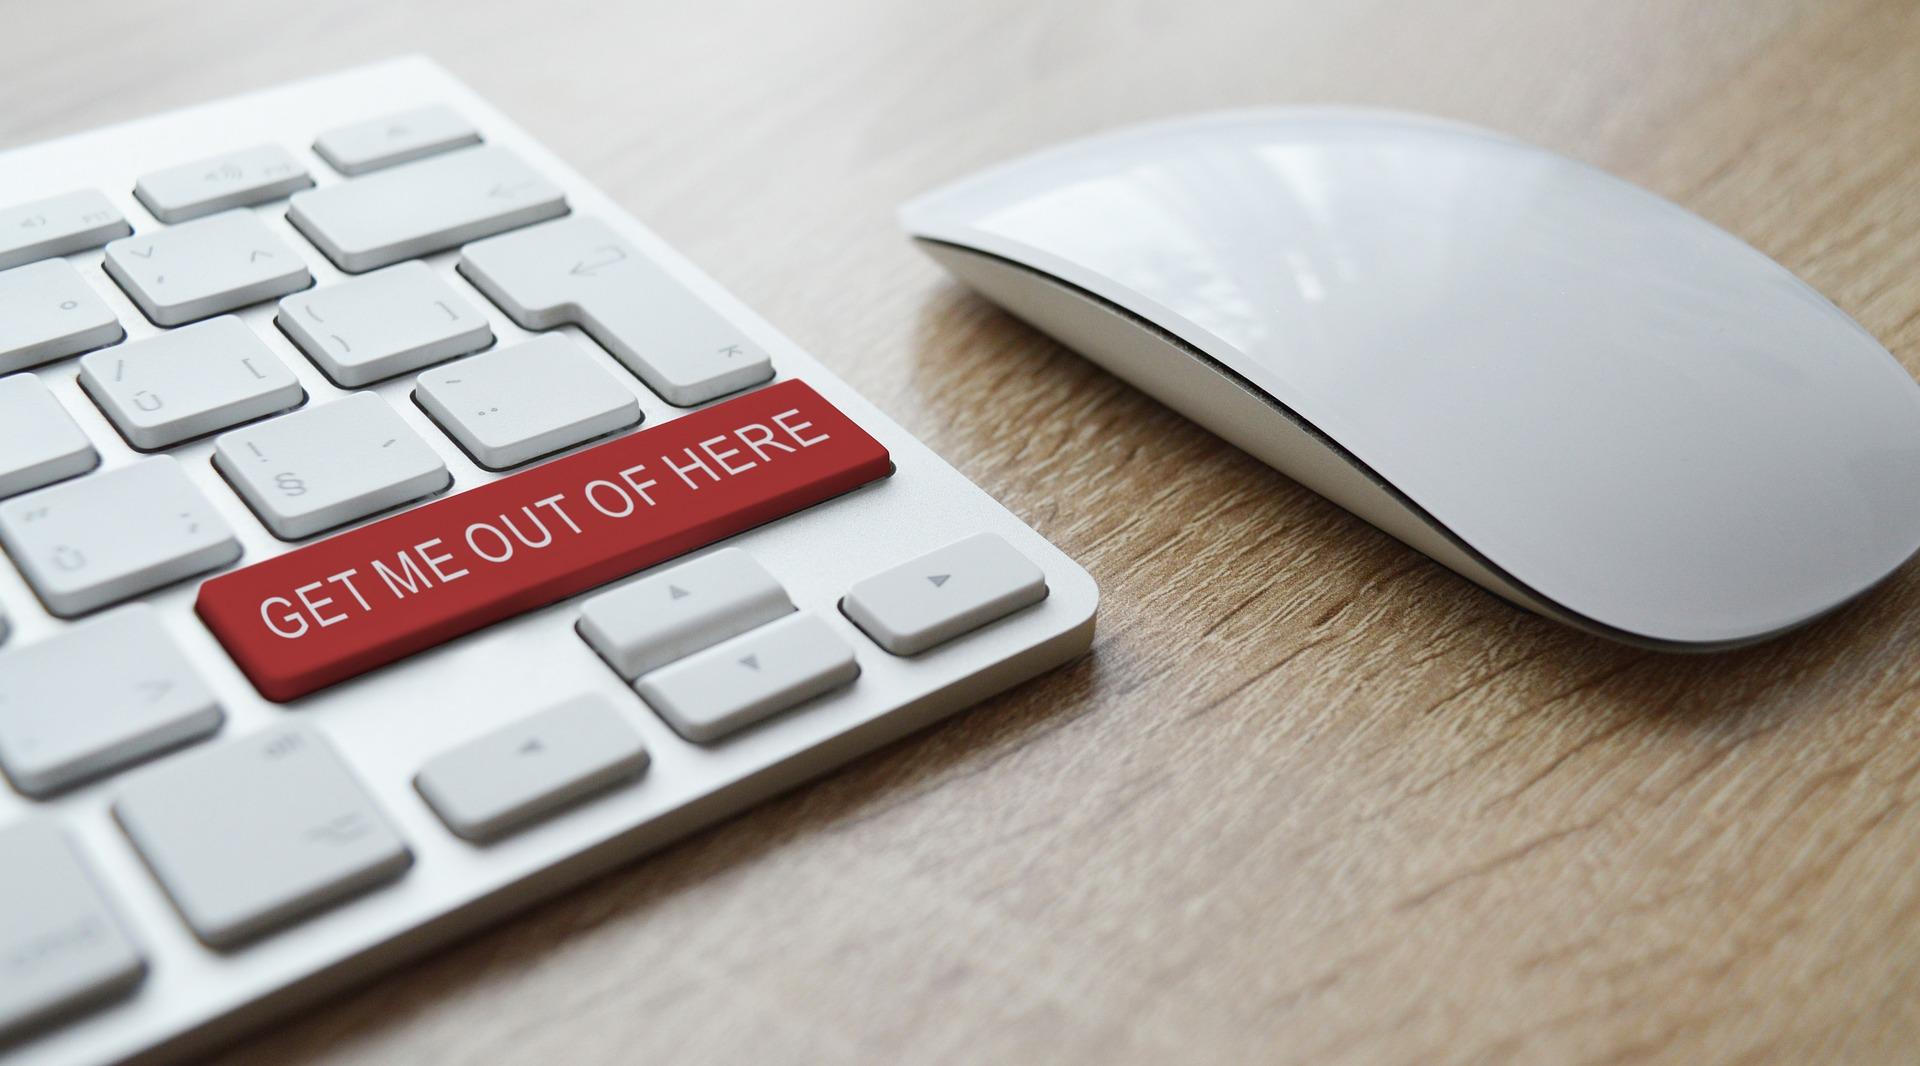 Pascal Nurdin Sent a Payment PayPal Scam